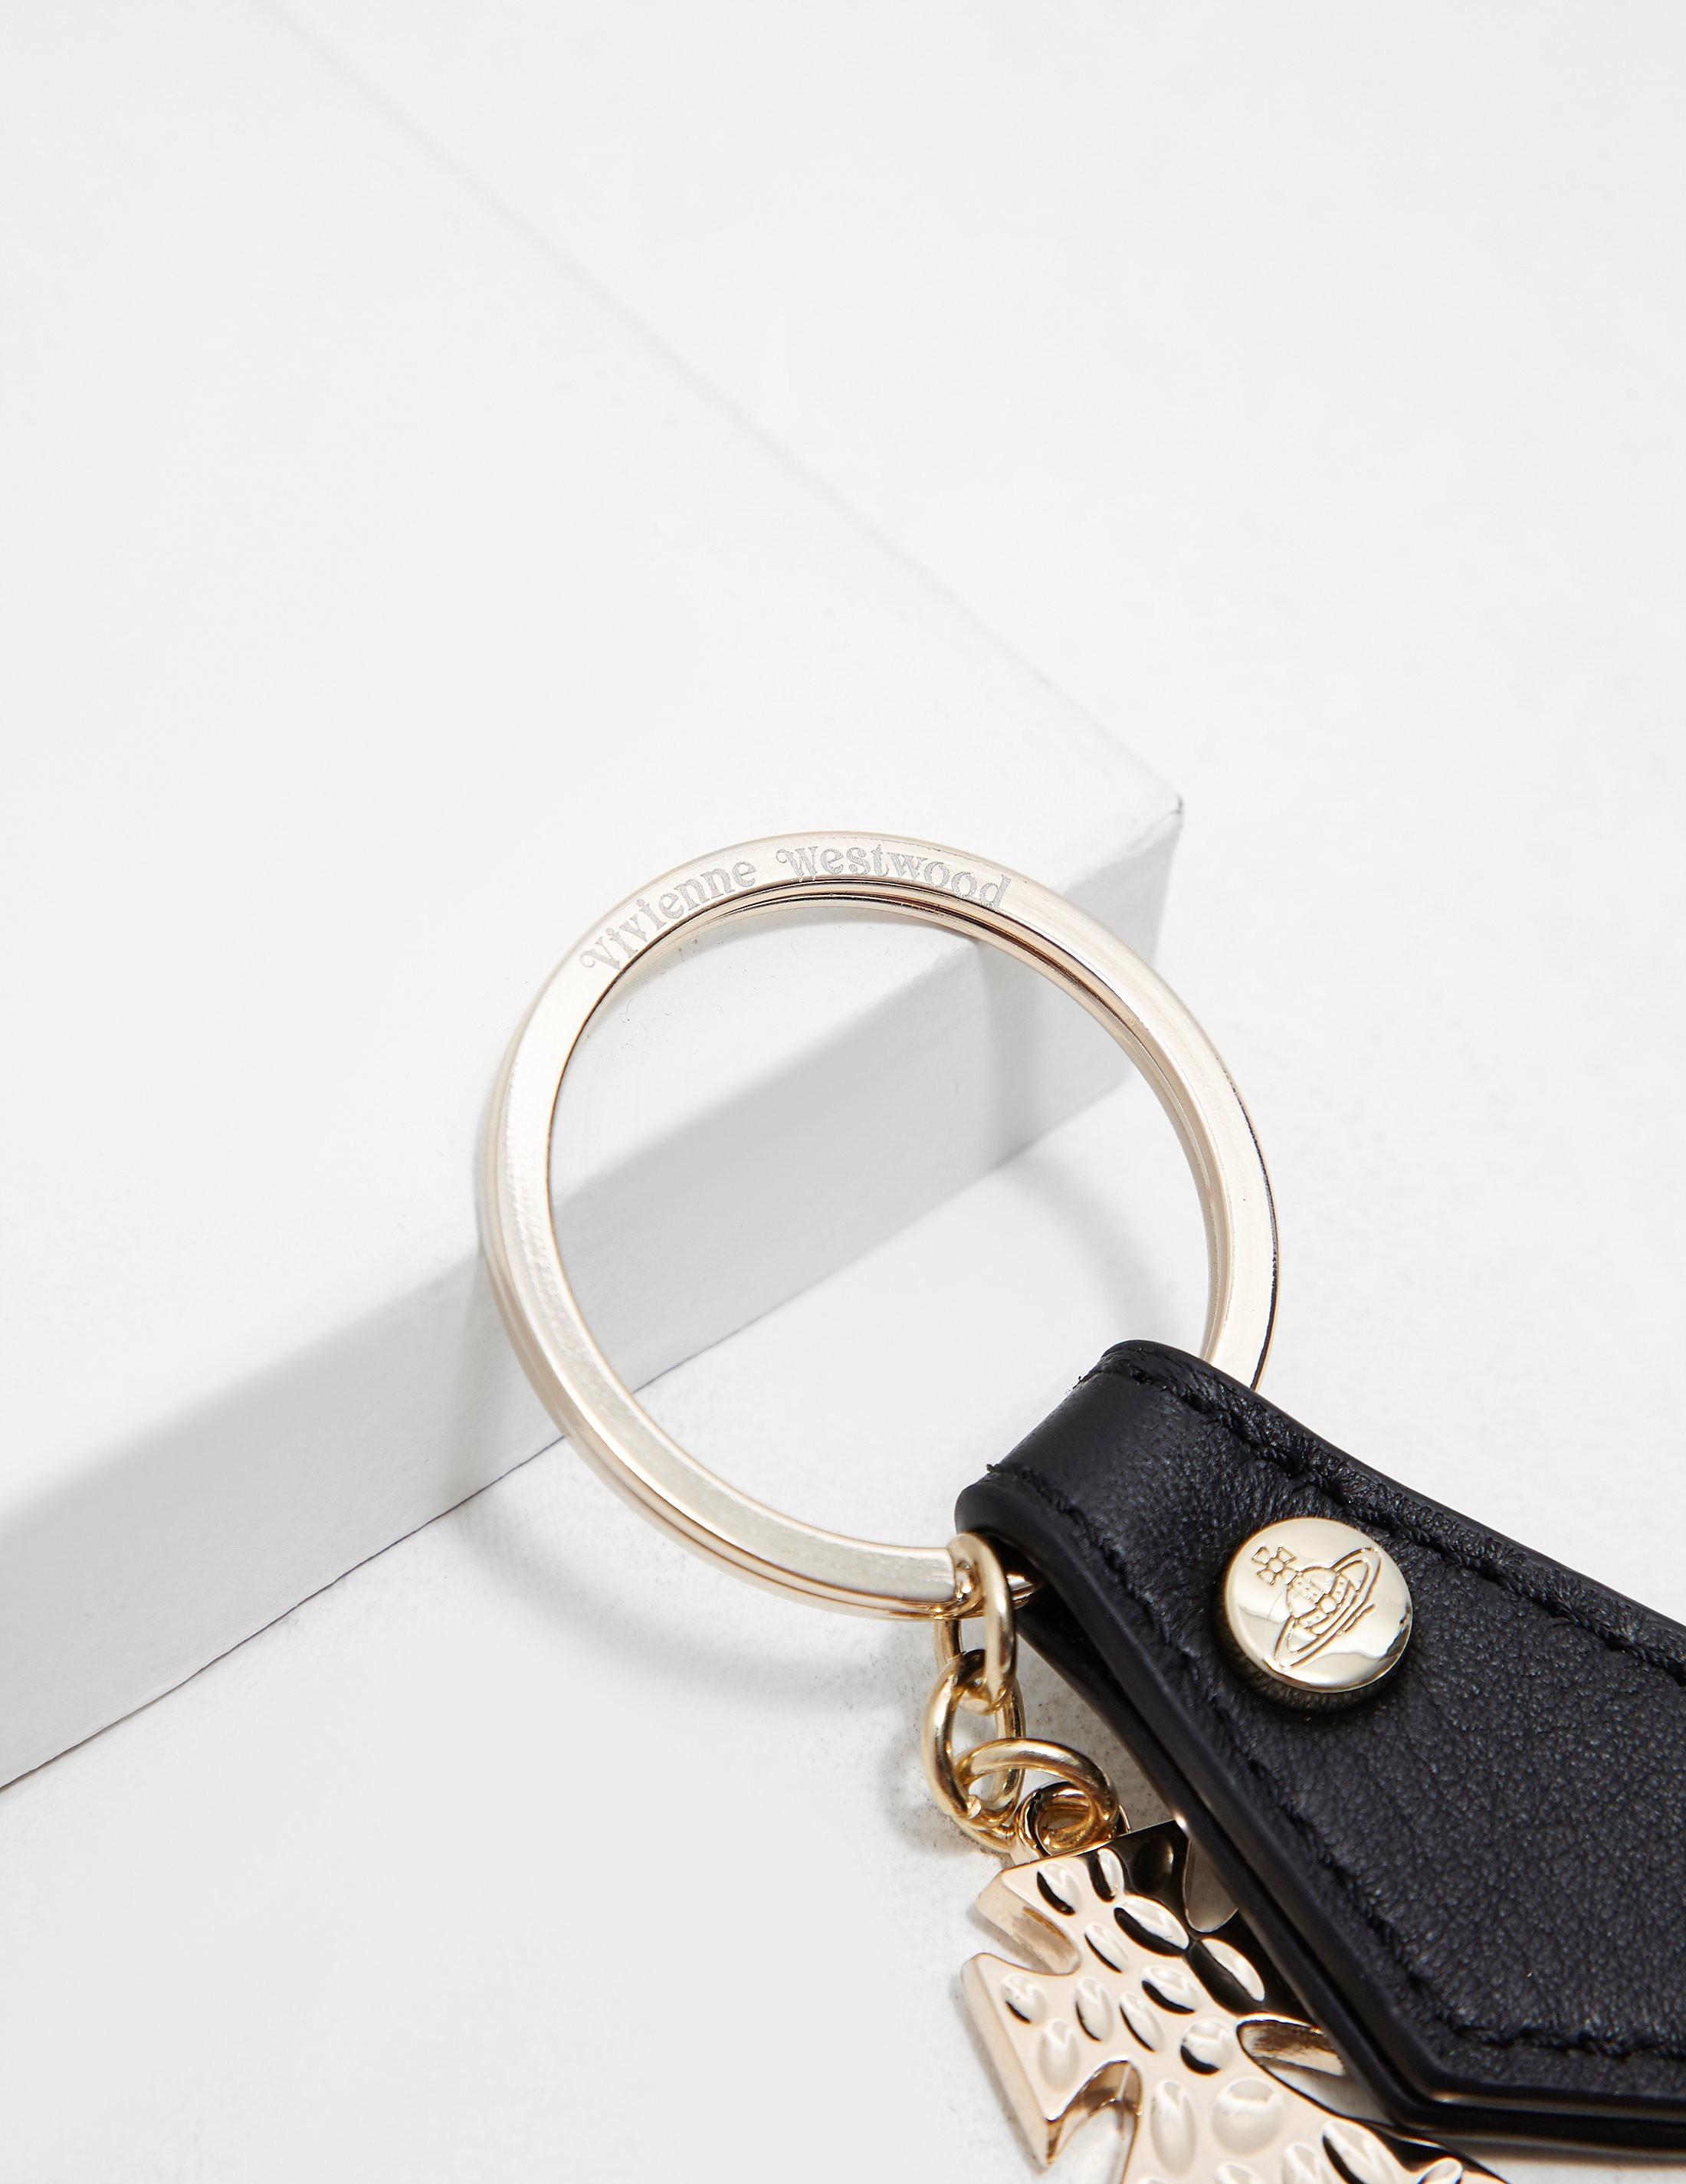 Vivienne Westwood Hammered Orb Keychain